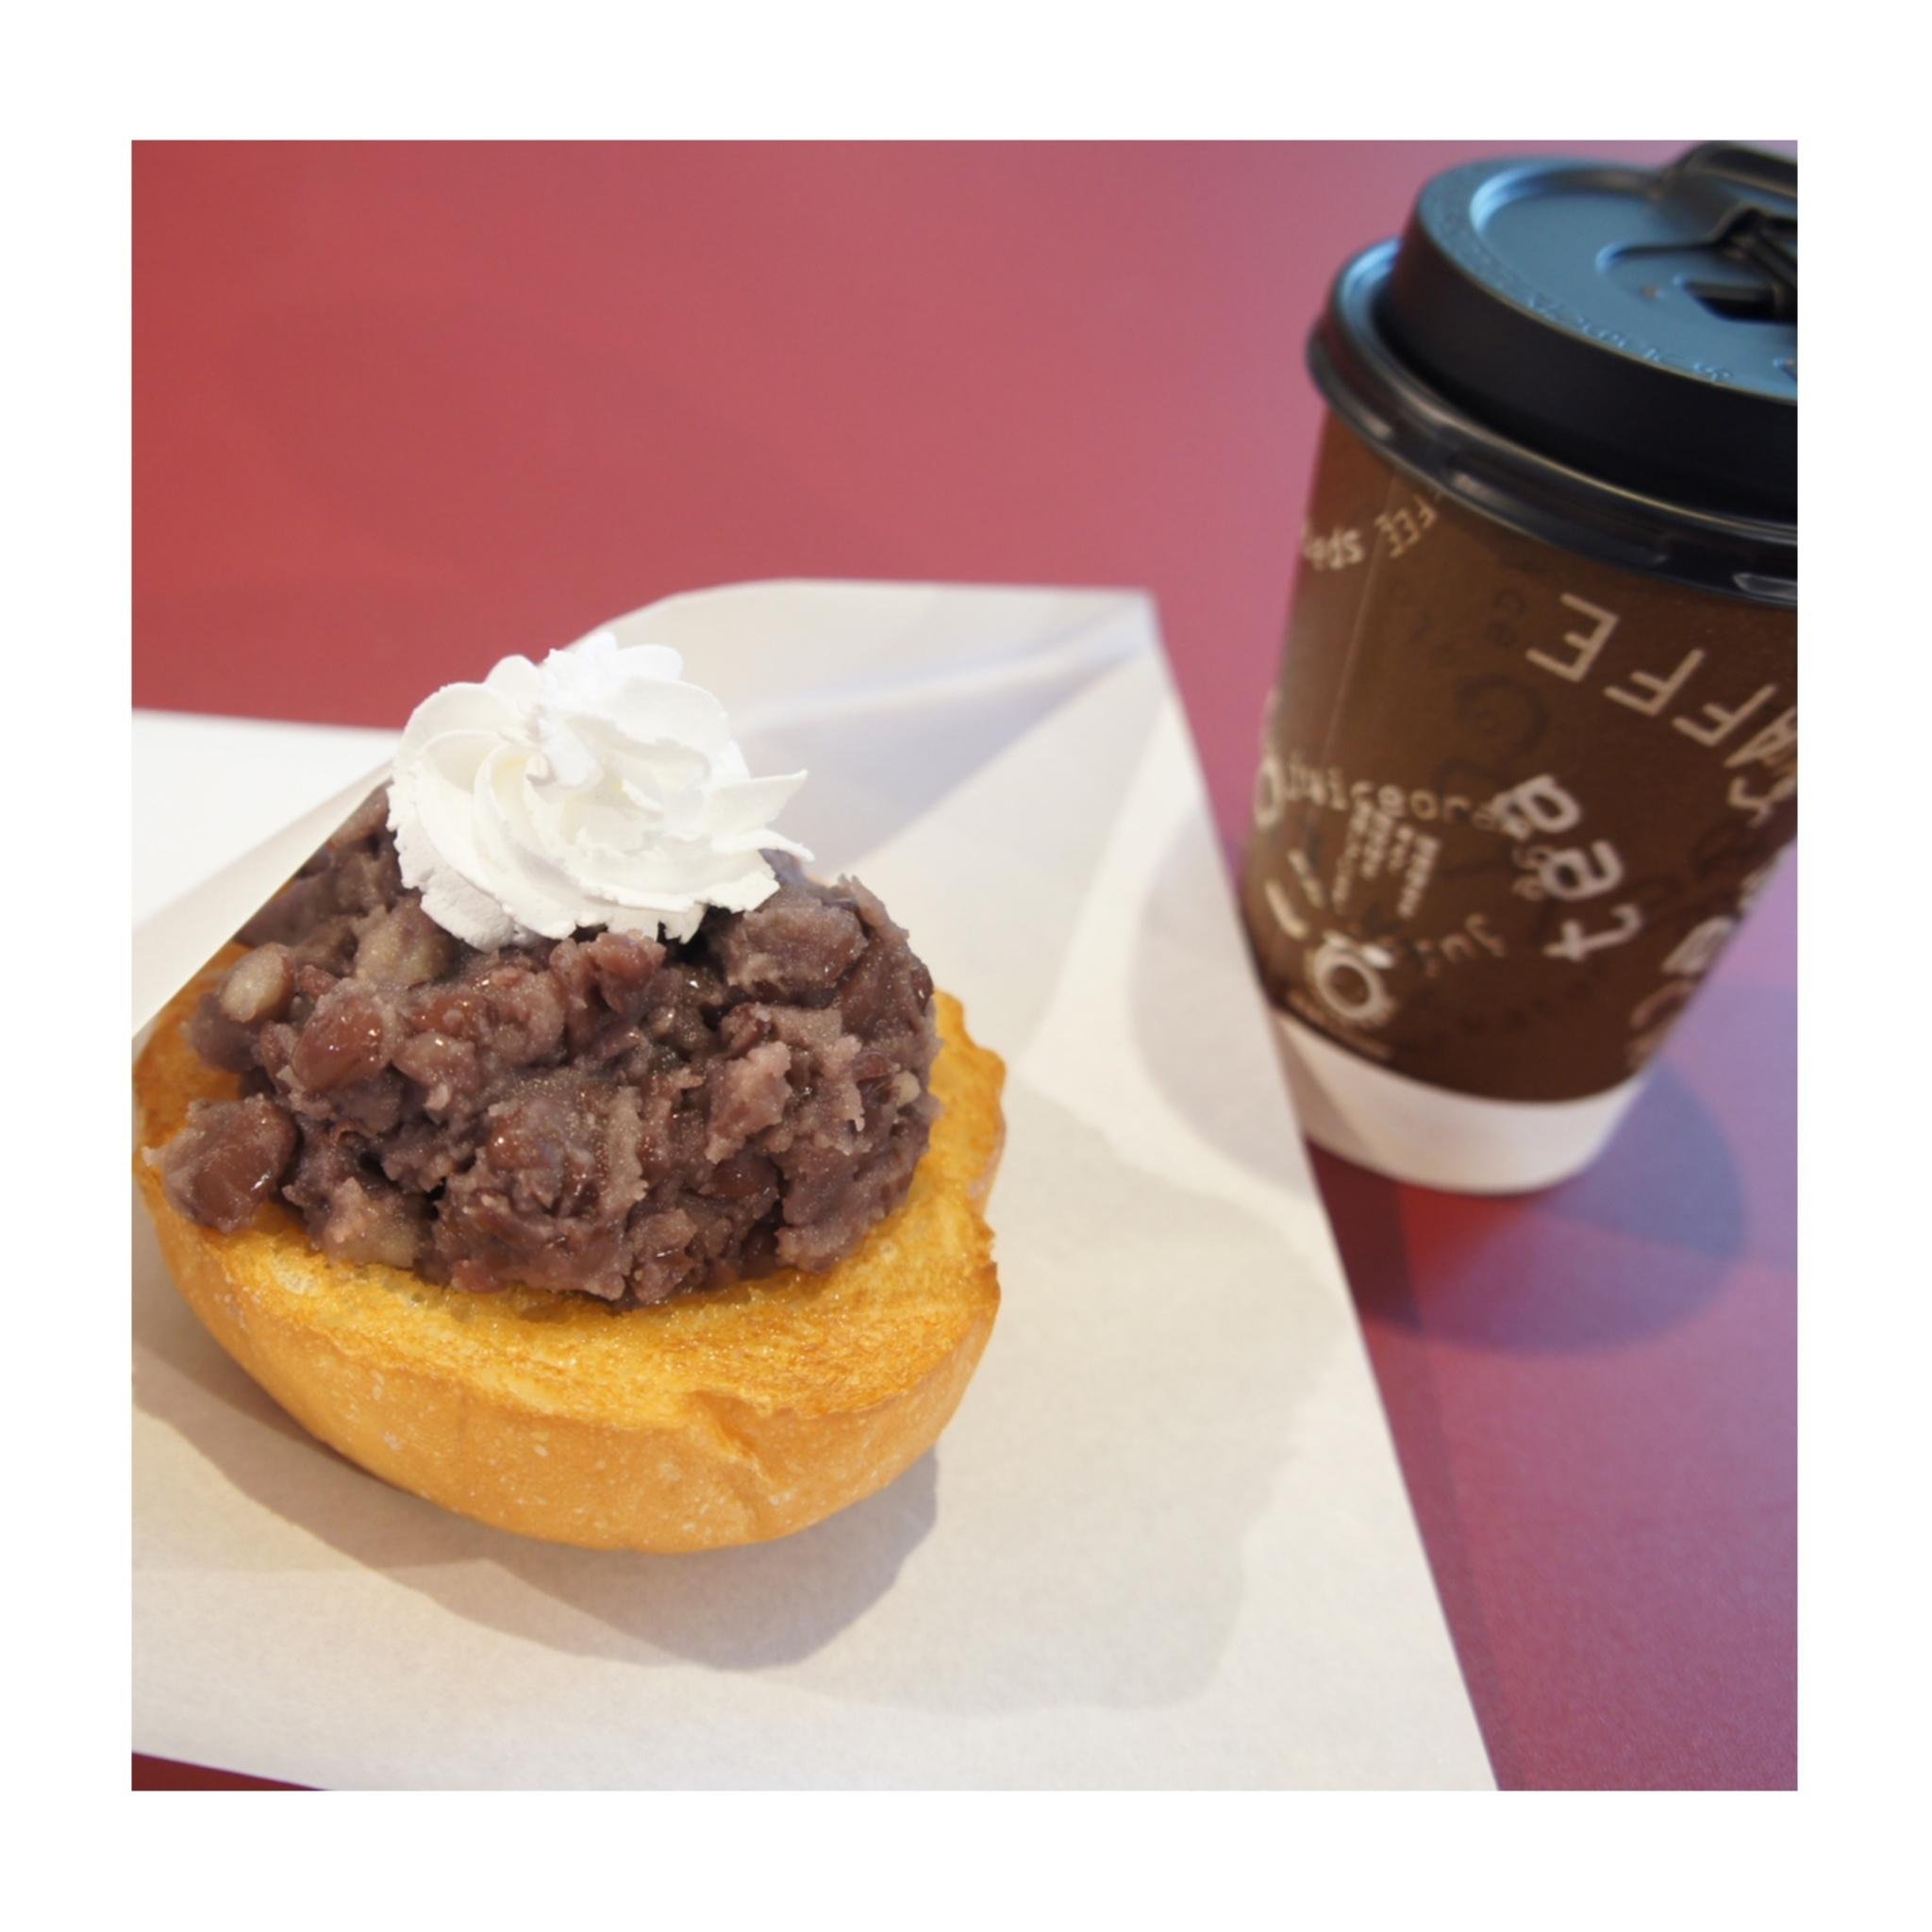 《ご当地MORE★》名古屋に行ったら食べたい❤️【BUCYO COFFEE】の小倉トーストが絶品!☻_2